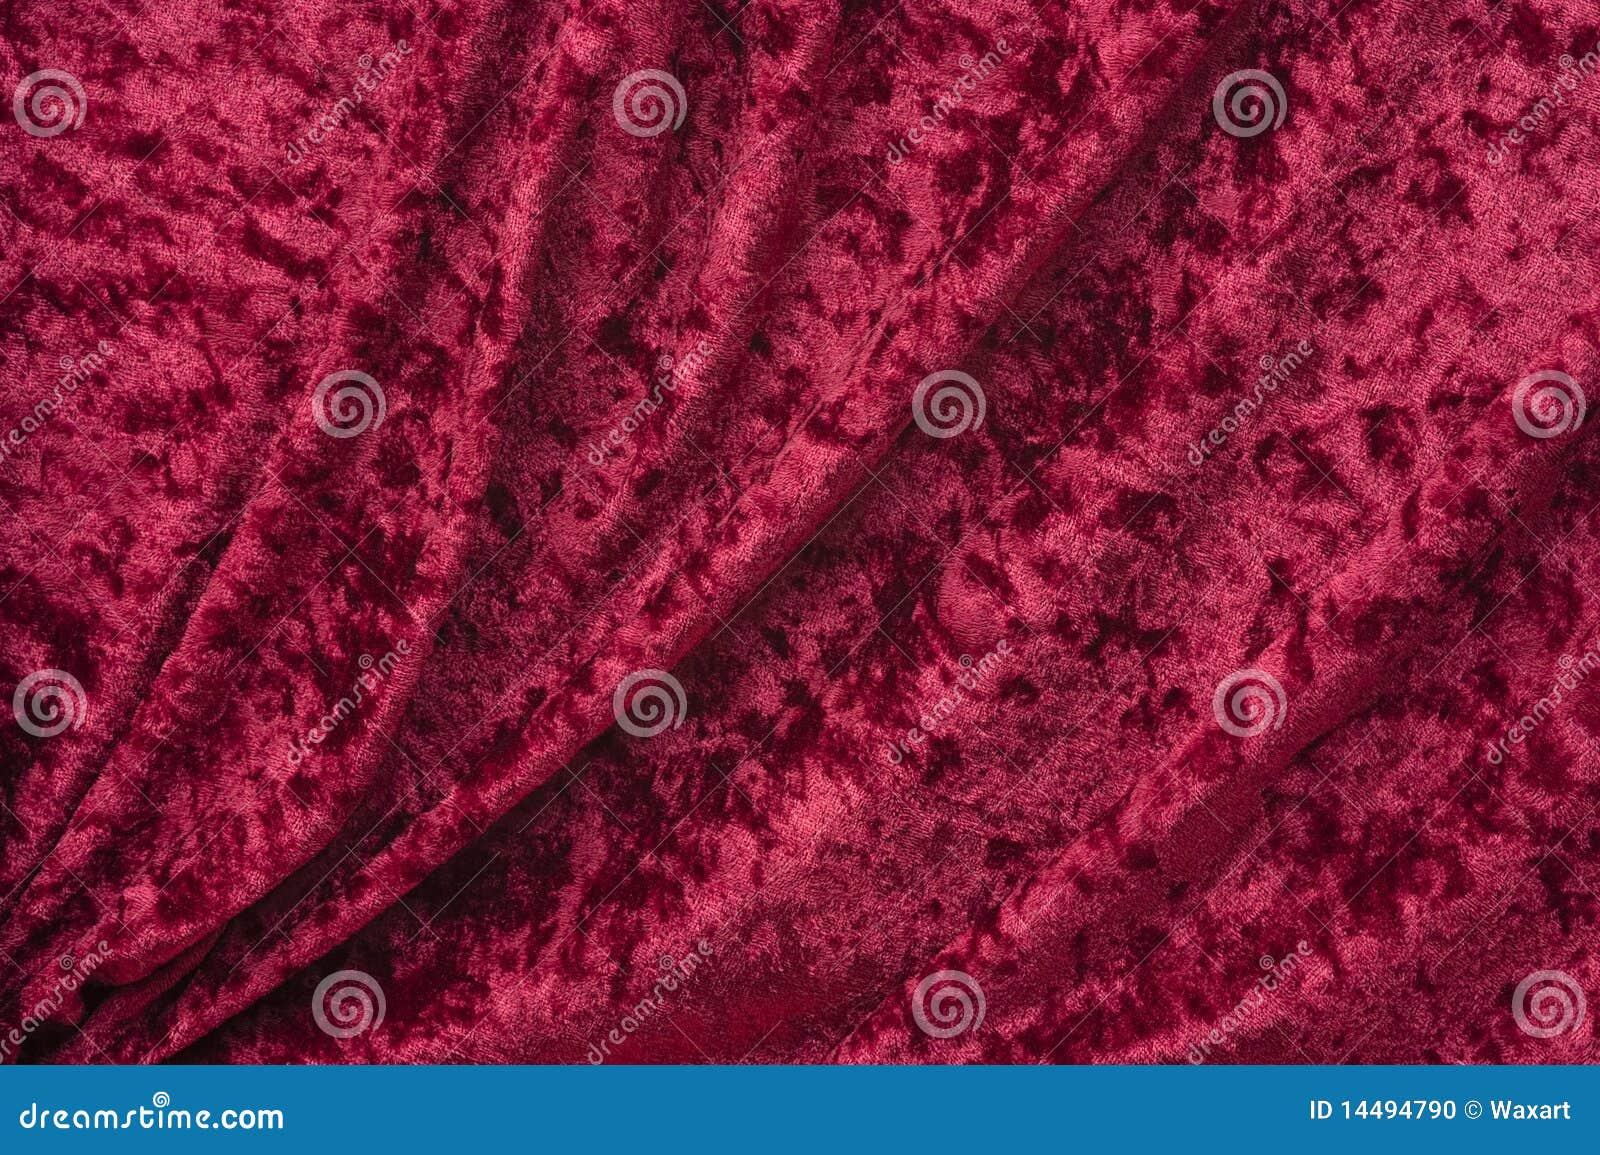 Material de tela de terciopelo Terciopelo machacado-Rojo